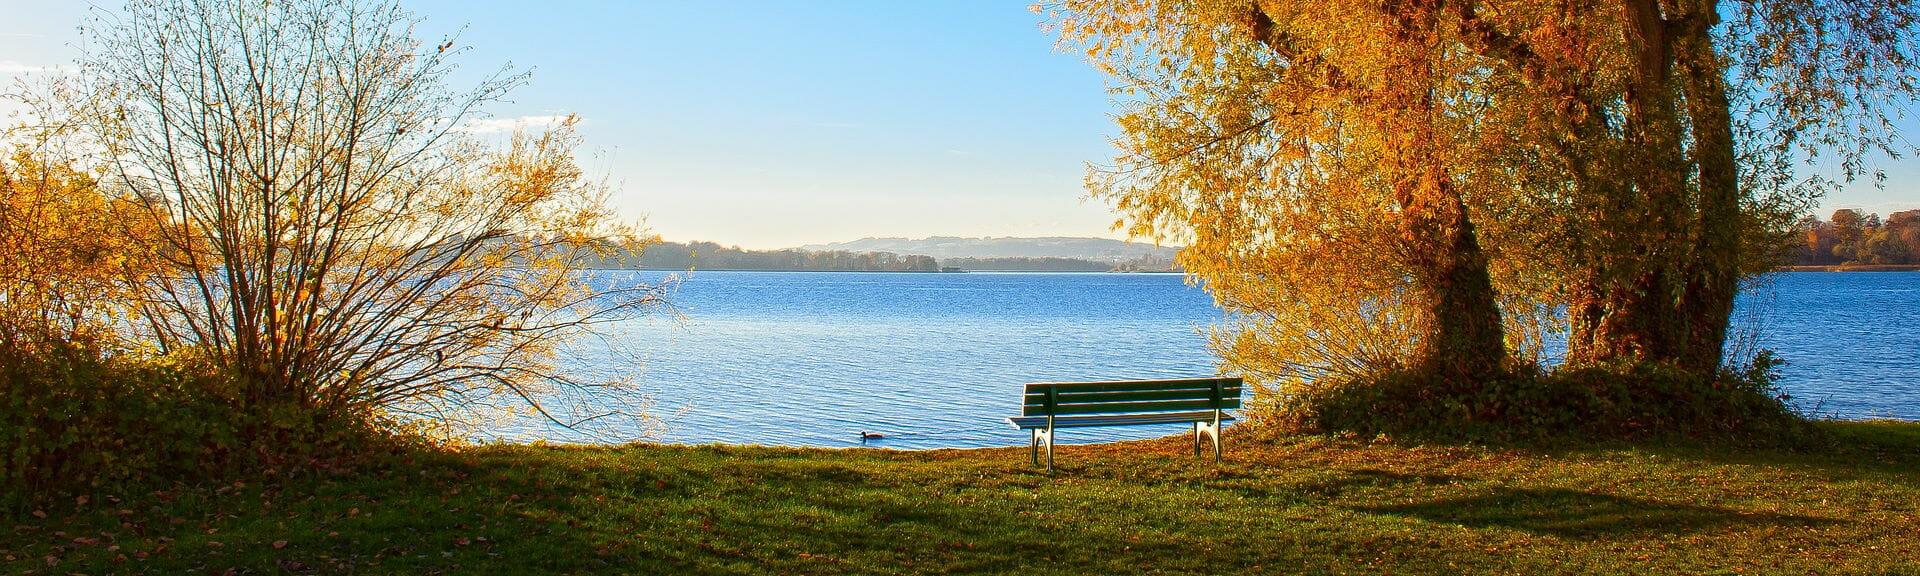 Klassenfahrt Chiemsee Chiemsee im Herbst